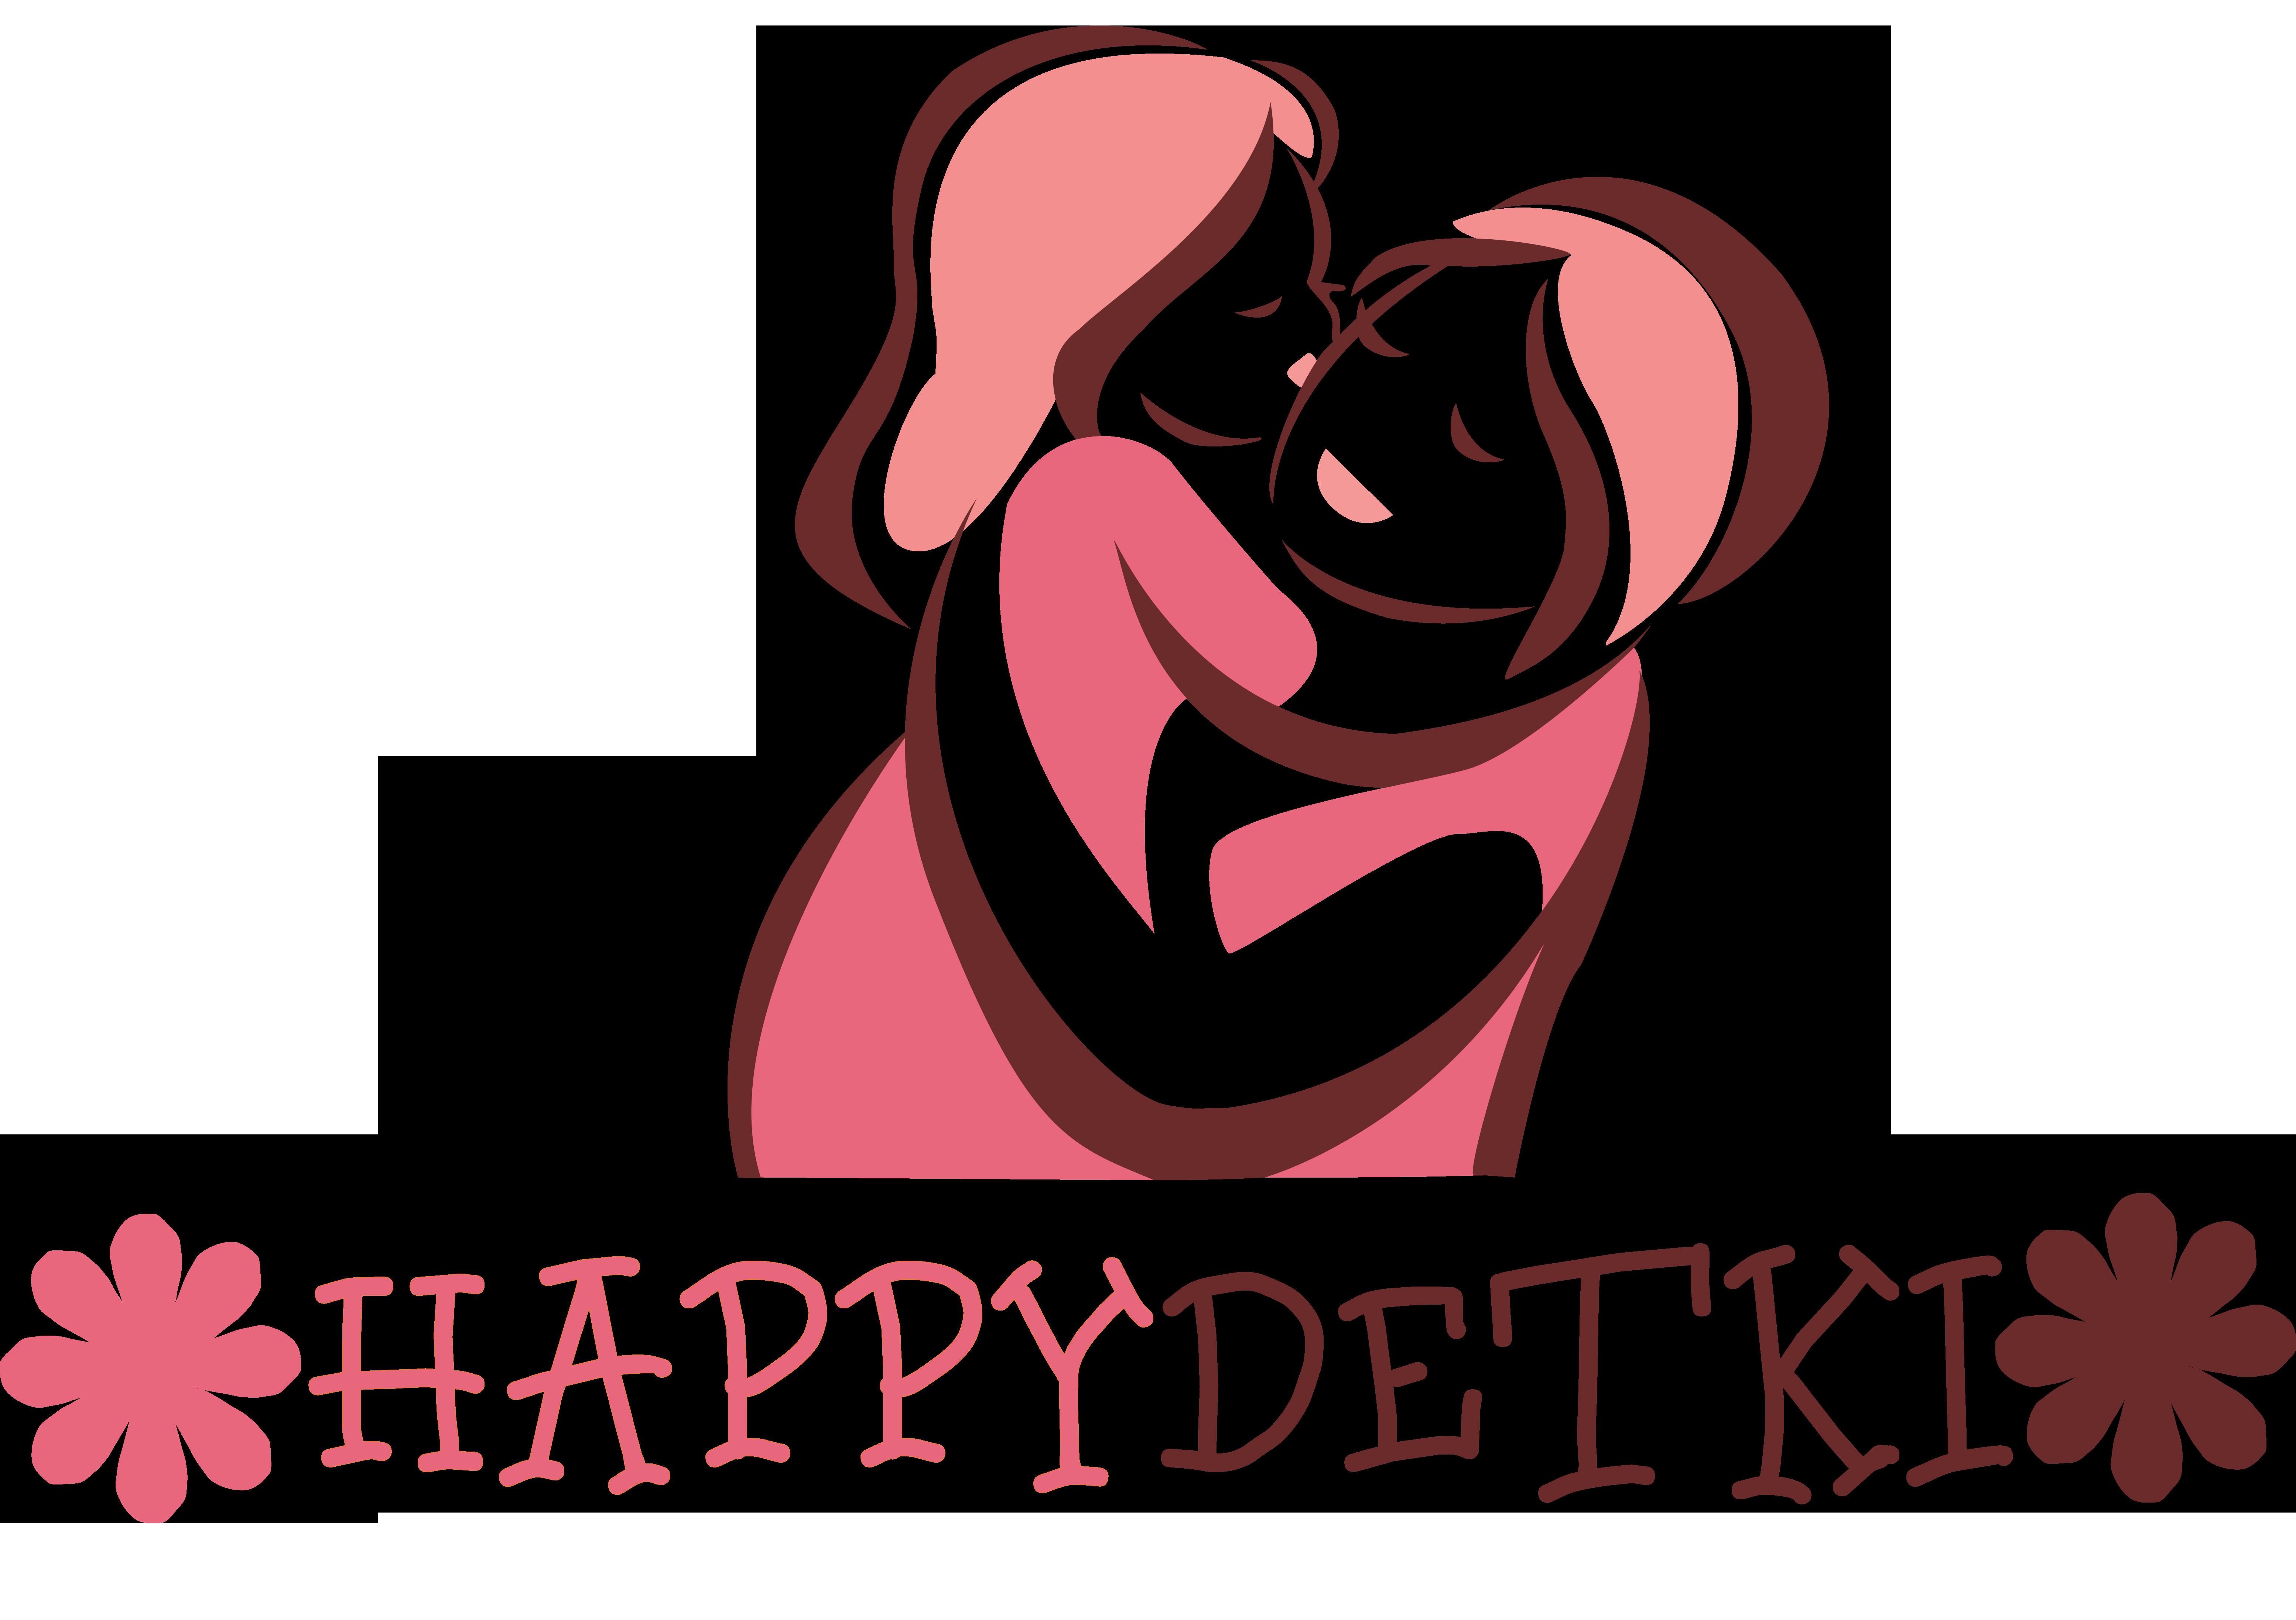 Happydetki